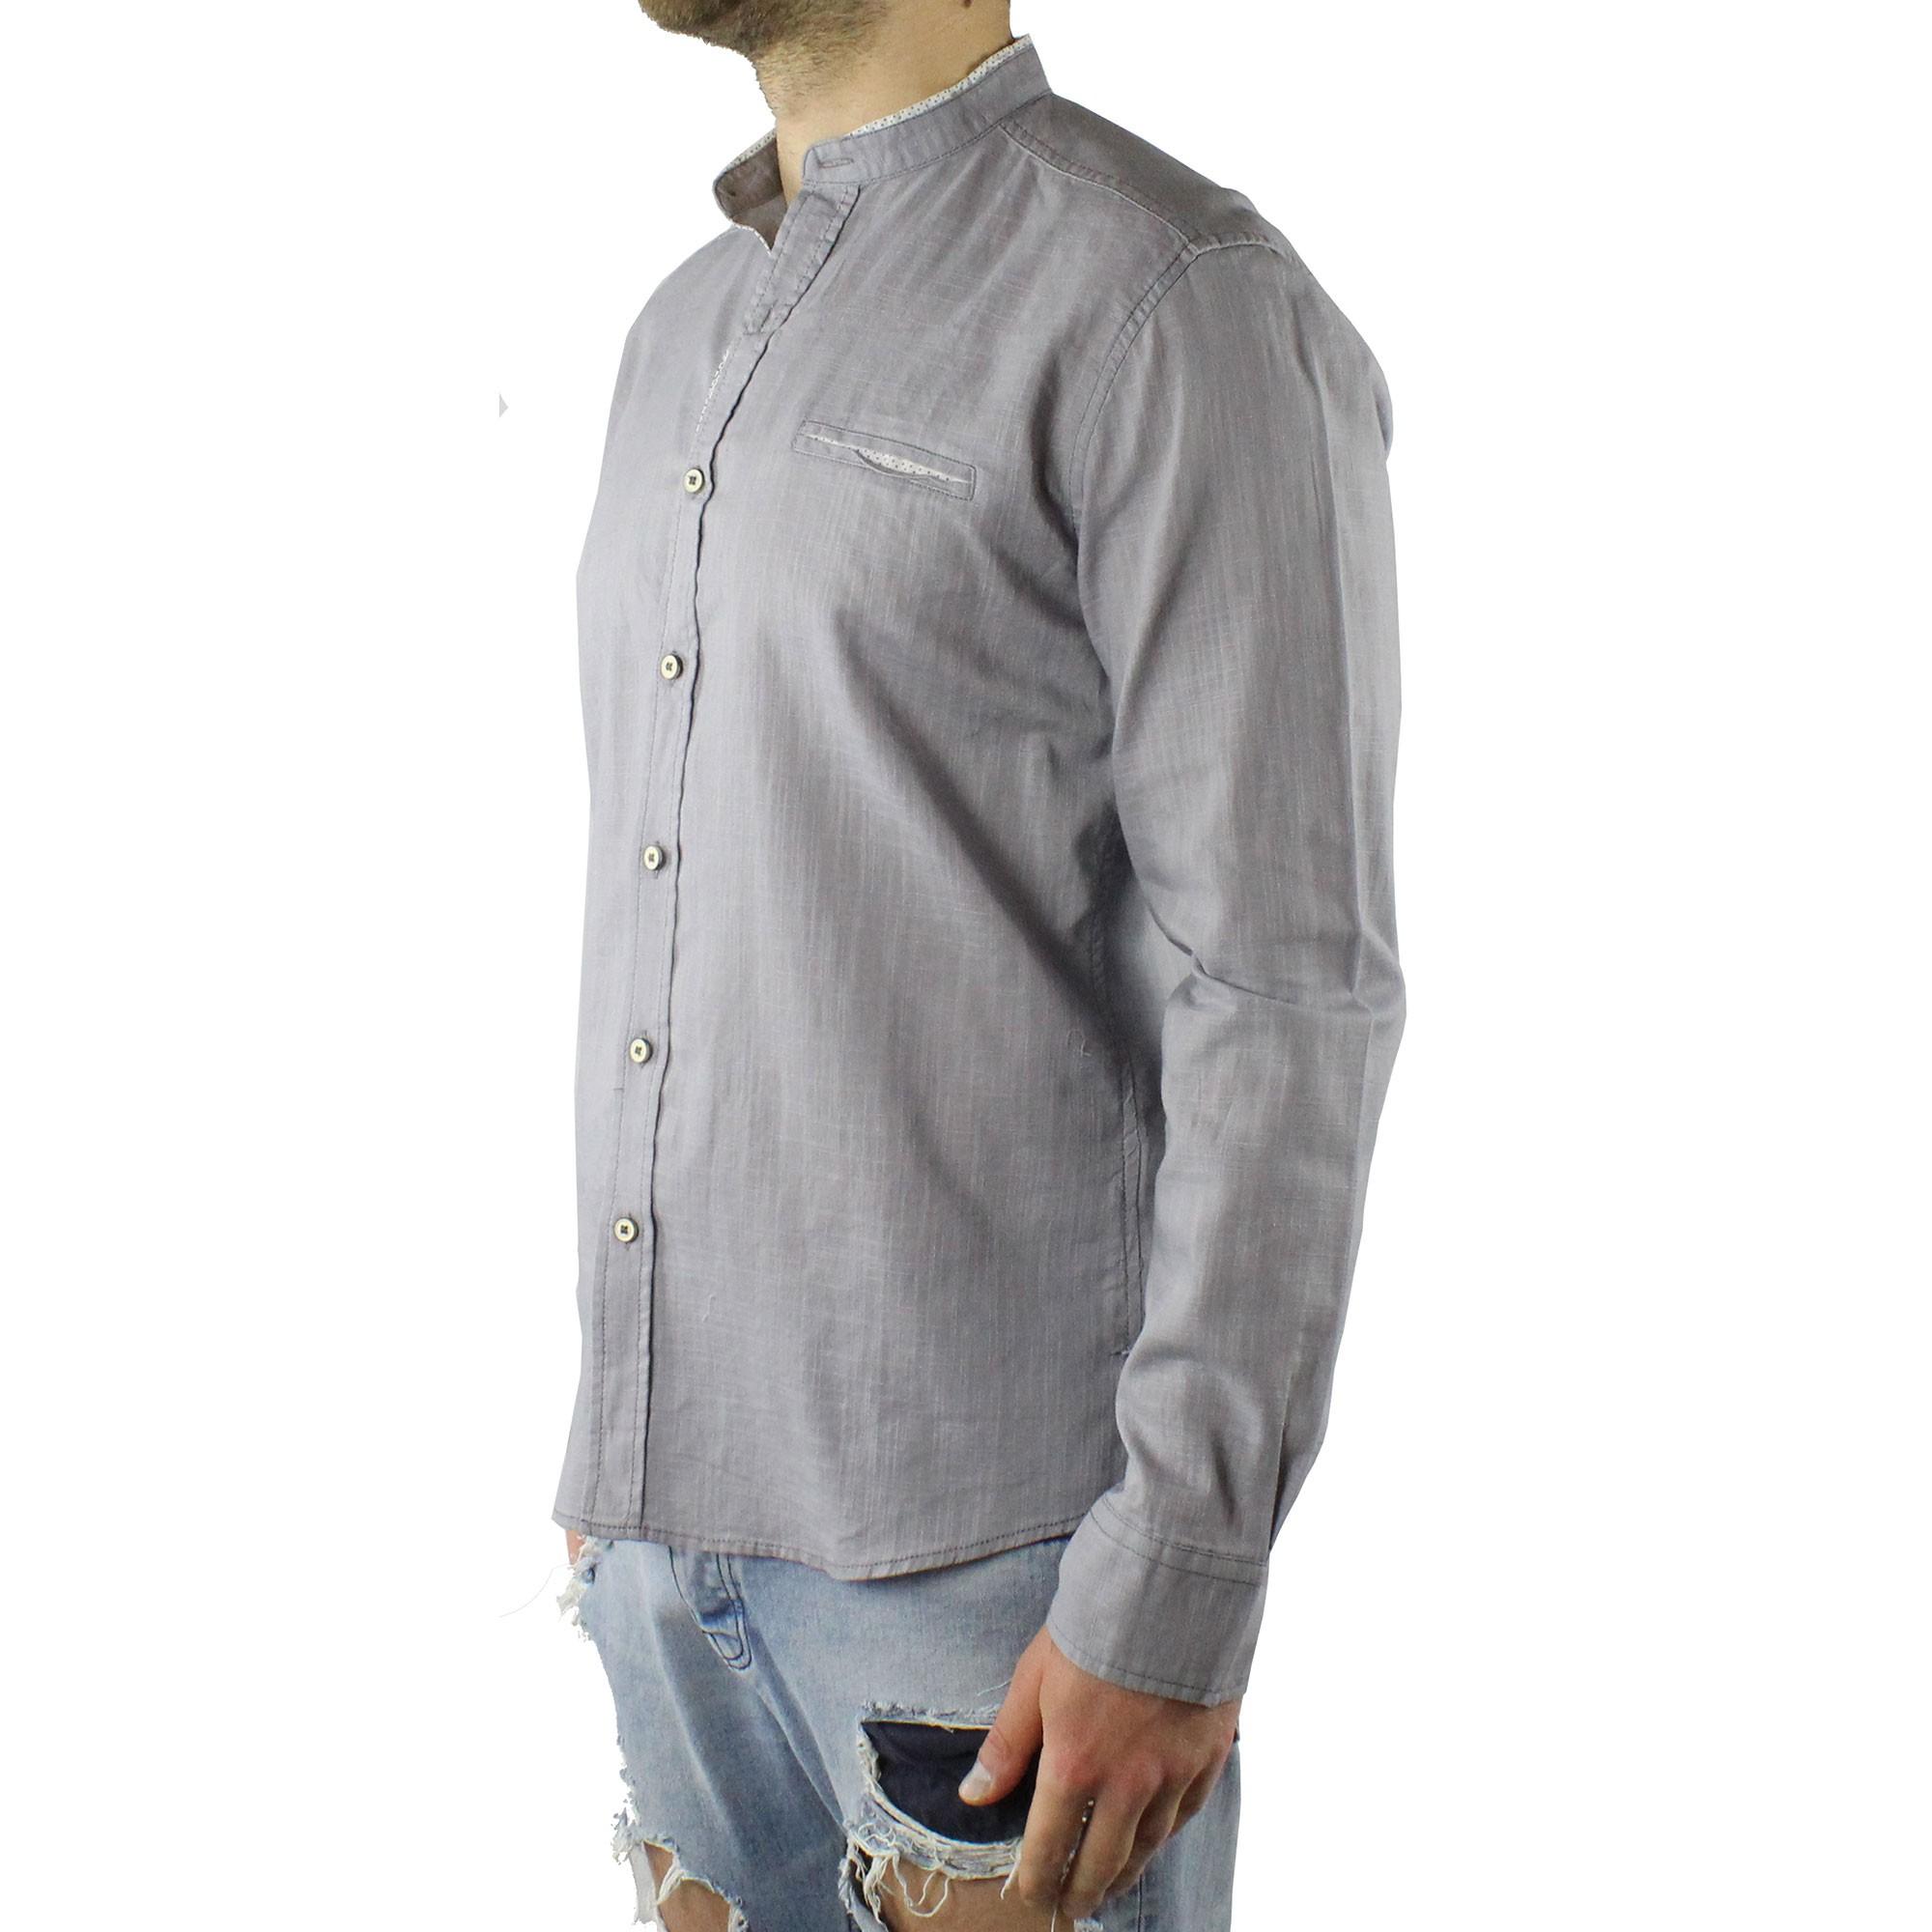 Camicia-Uomo-Collo-Coreana-Cotone-Casual-Slim-Fit-Manica-Lunga-Sartoriale-Estiva miniatura 7